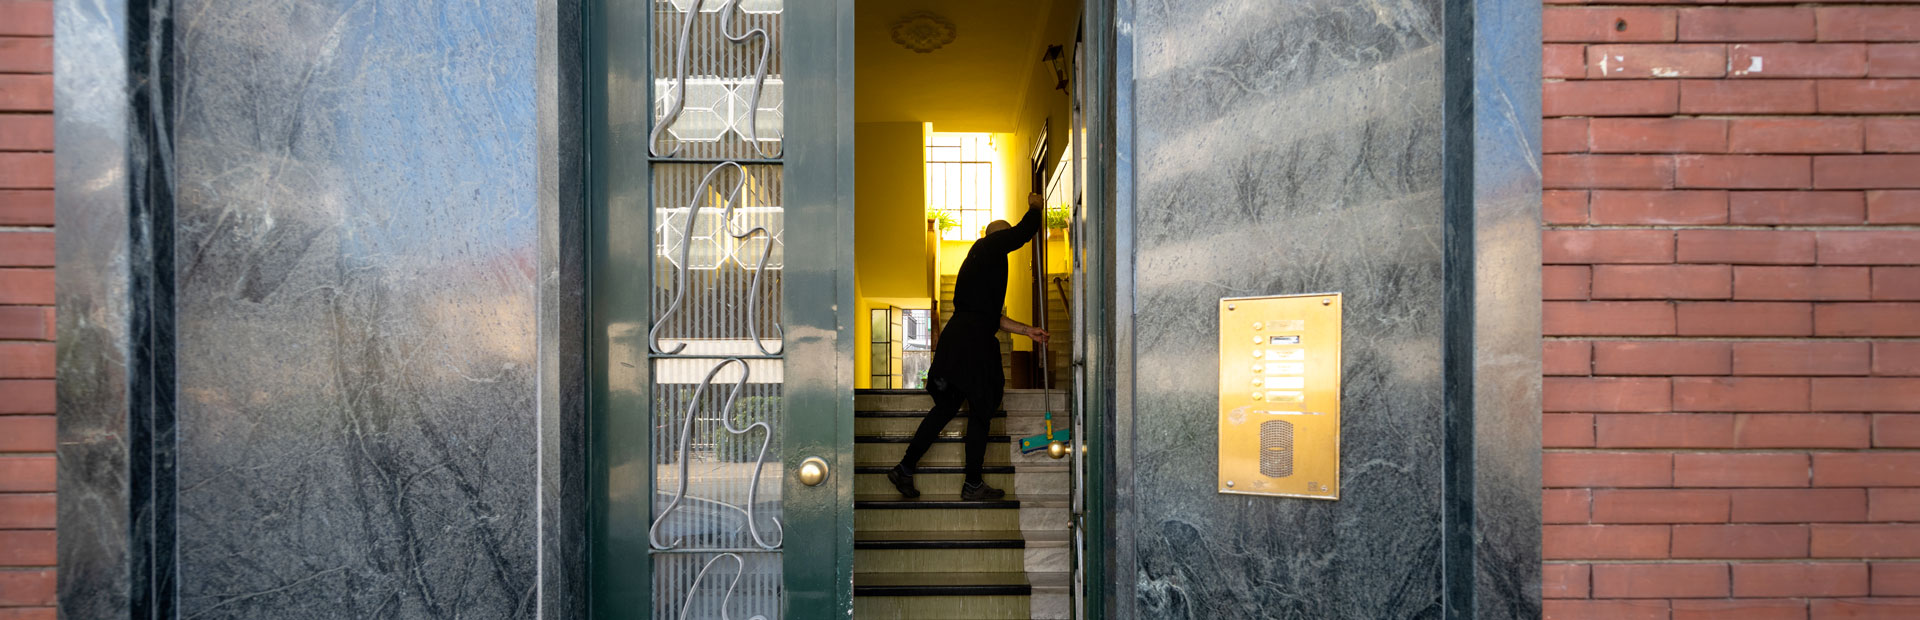 Esempio di pulizie in interni di condomini. L'addetto scopa la scala nell'androne di uno stabile, inquadrato dal portone a vetri semiaperto che è contornato da pregiato marmo verde. Il citofono dorato si trova a destra dell'ingresso.